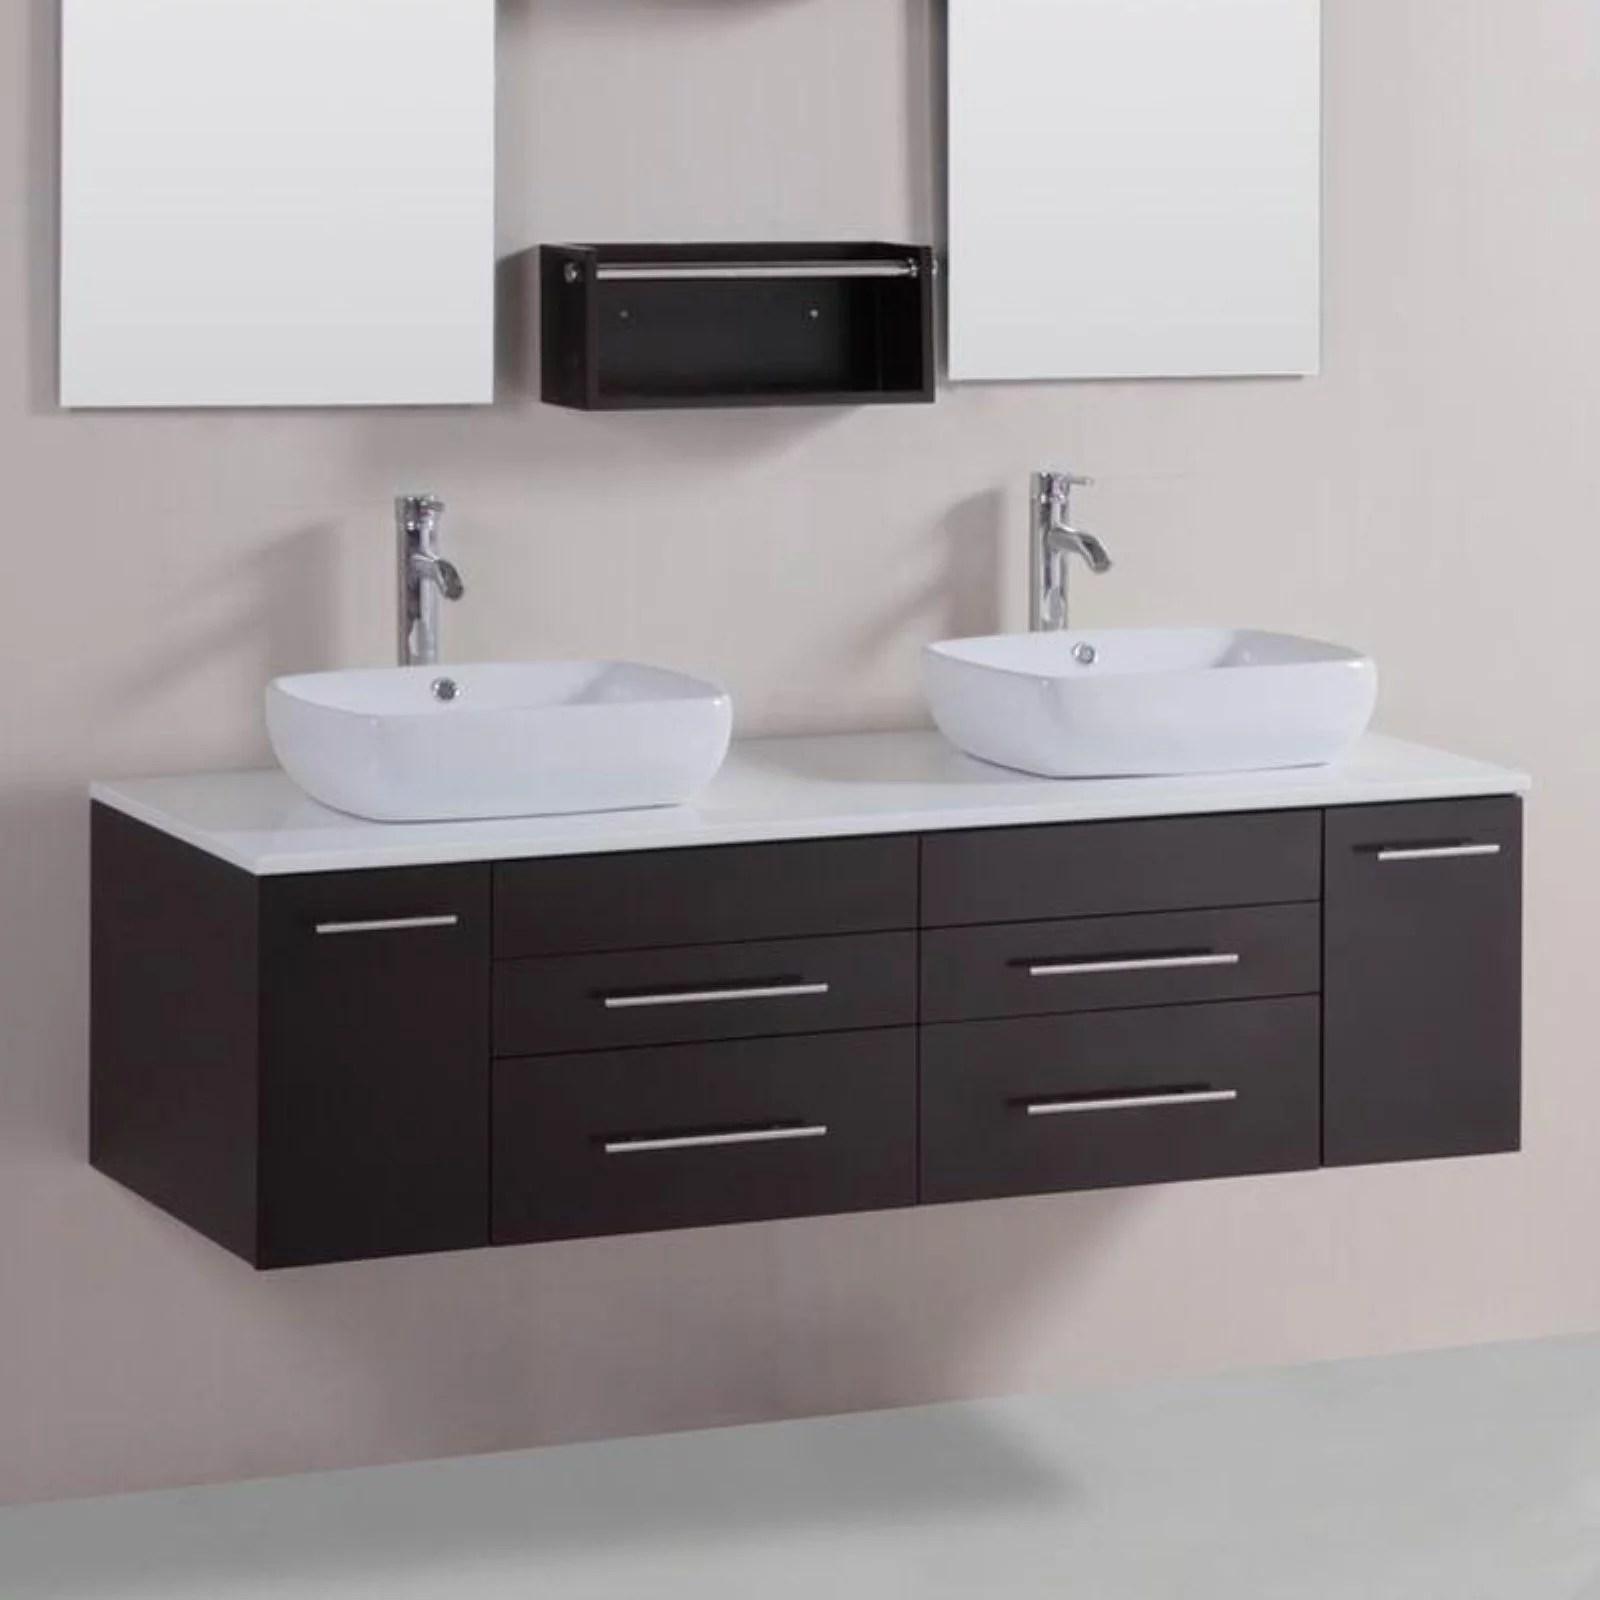 belvedere 60 in modern double vessel bathroom vanity with stone top